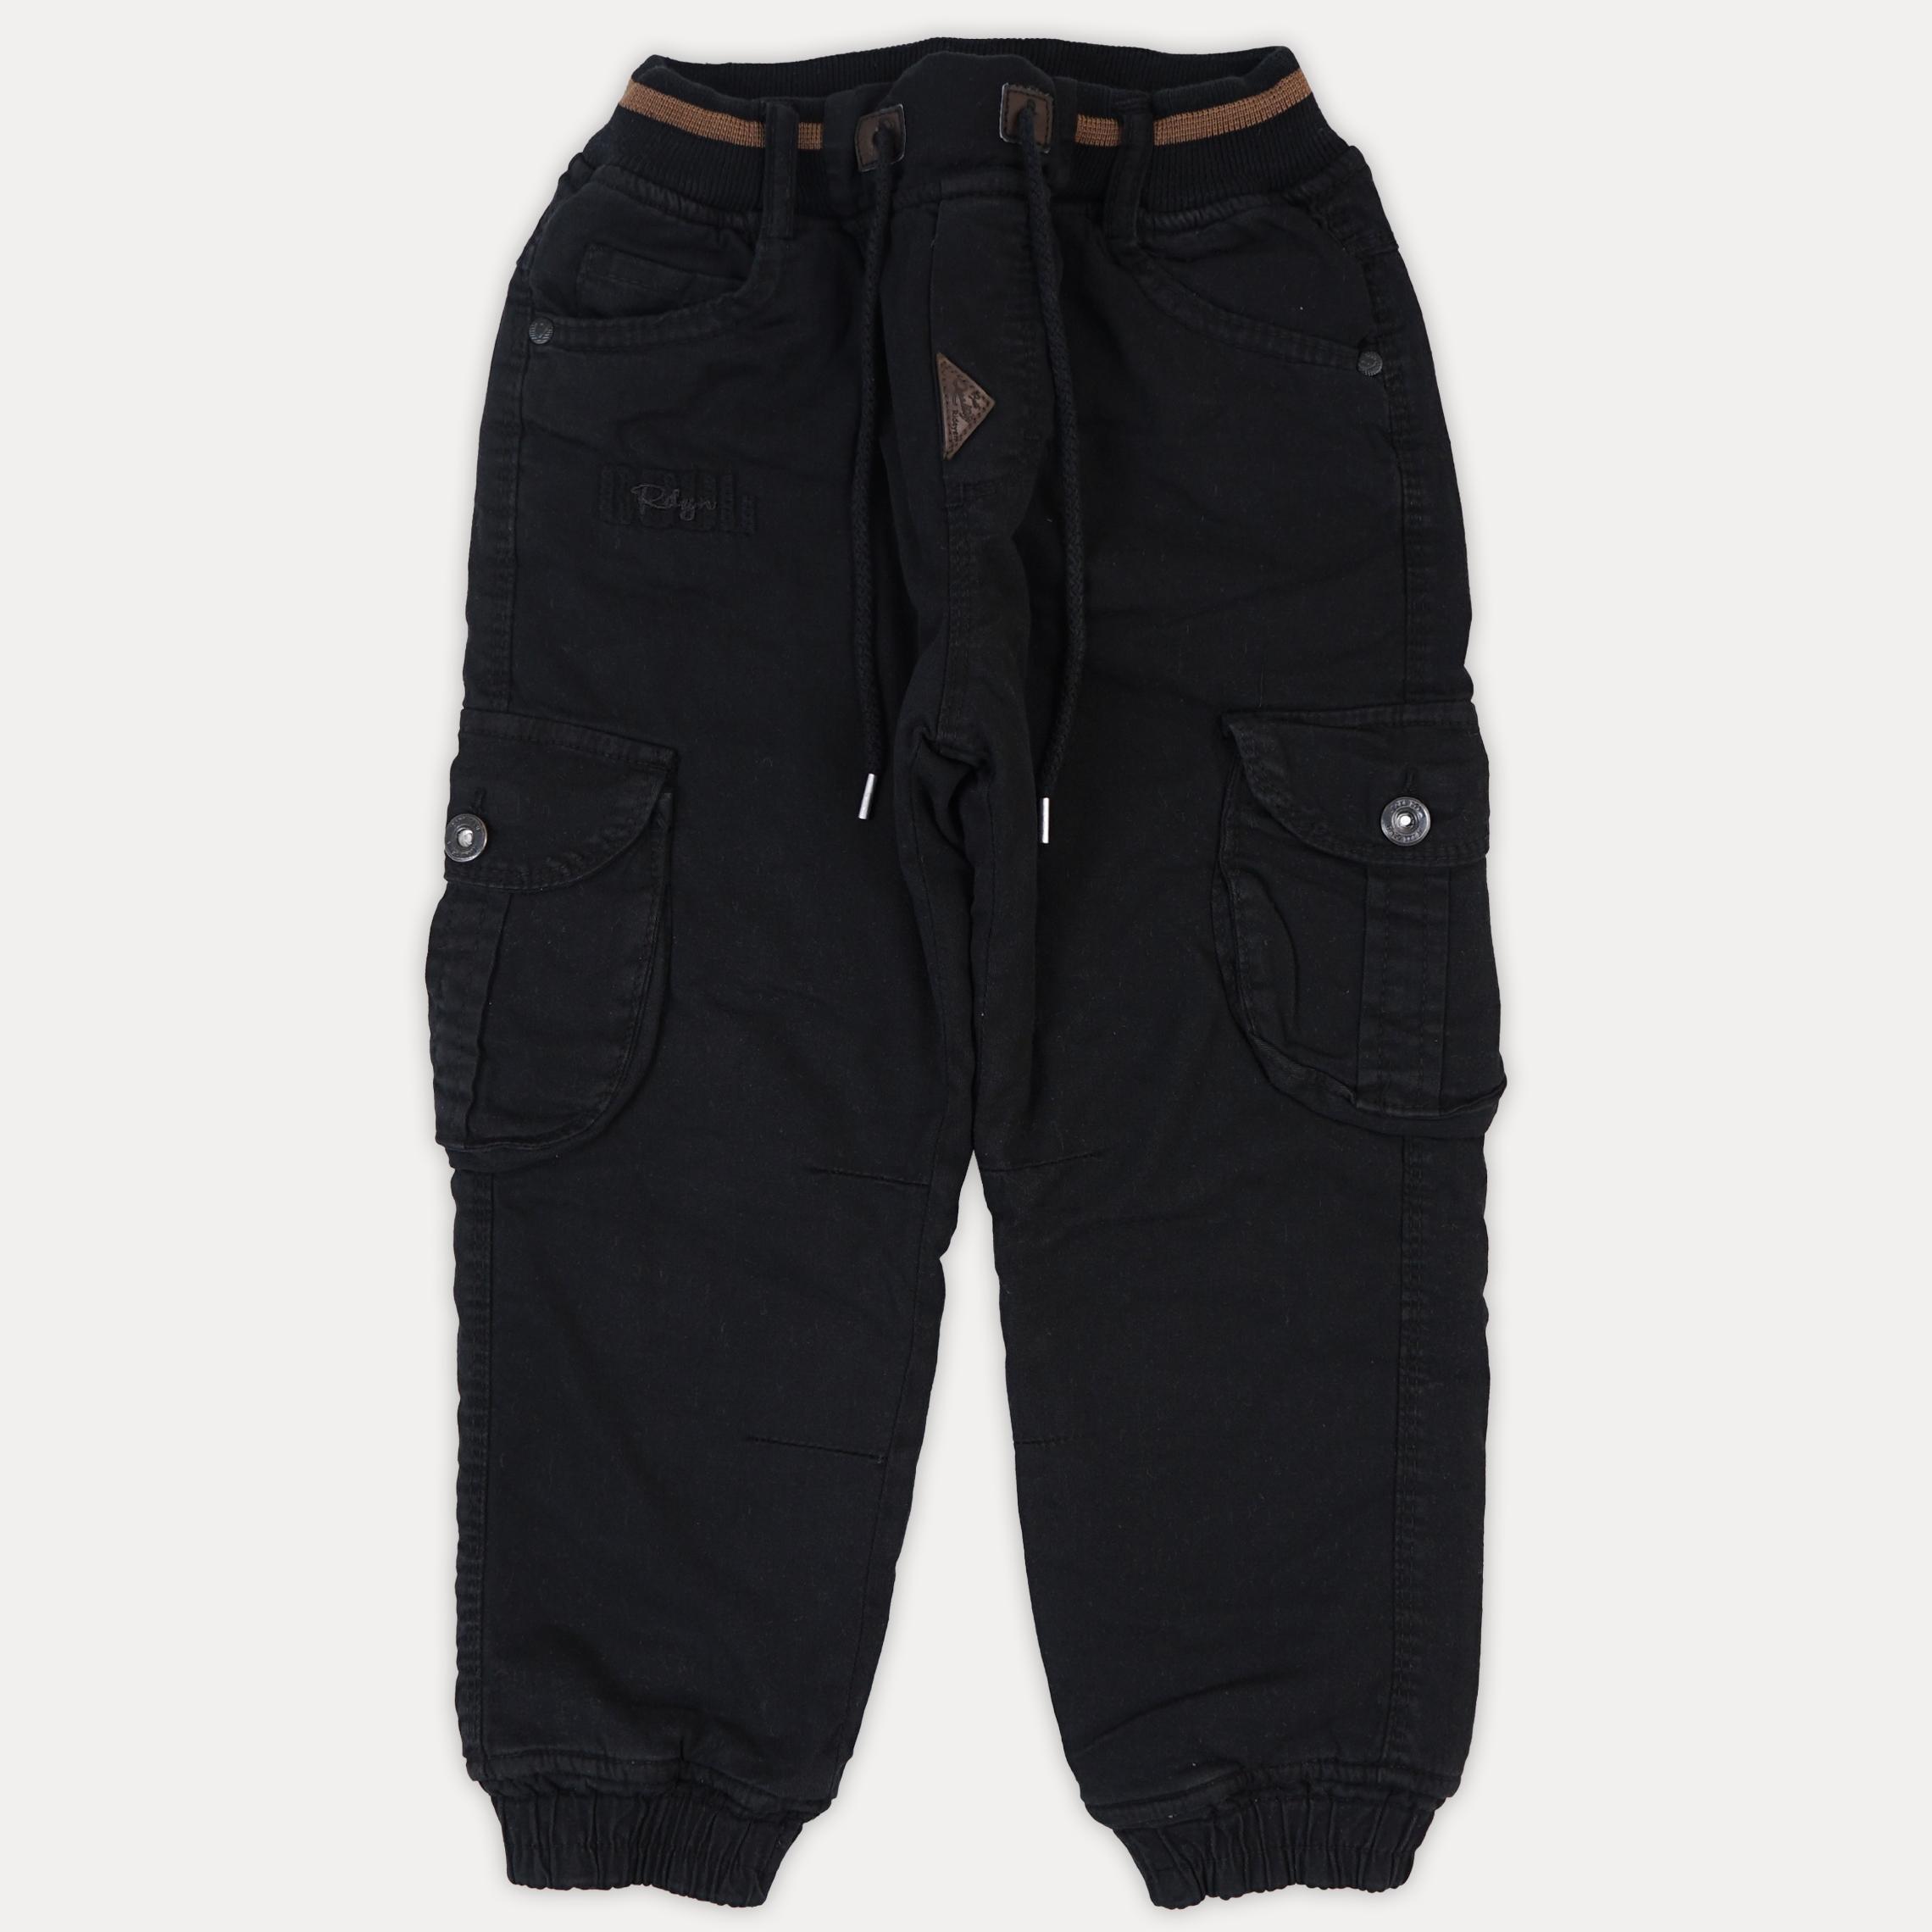 Теплые детские джинсы с накладными карманами для м ...